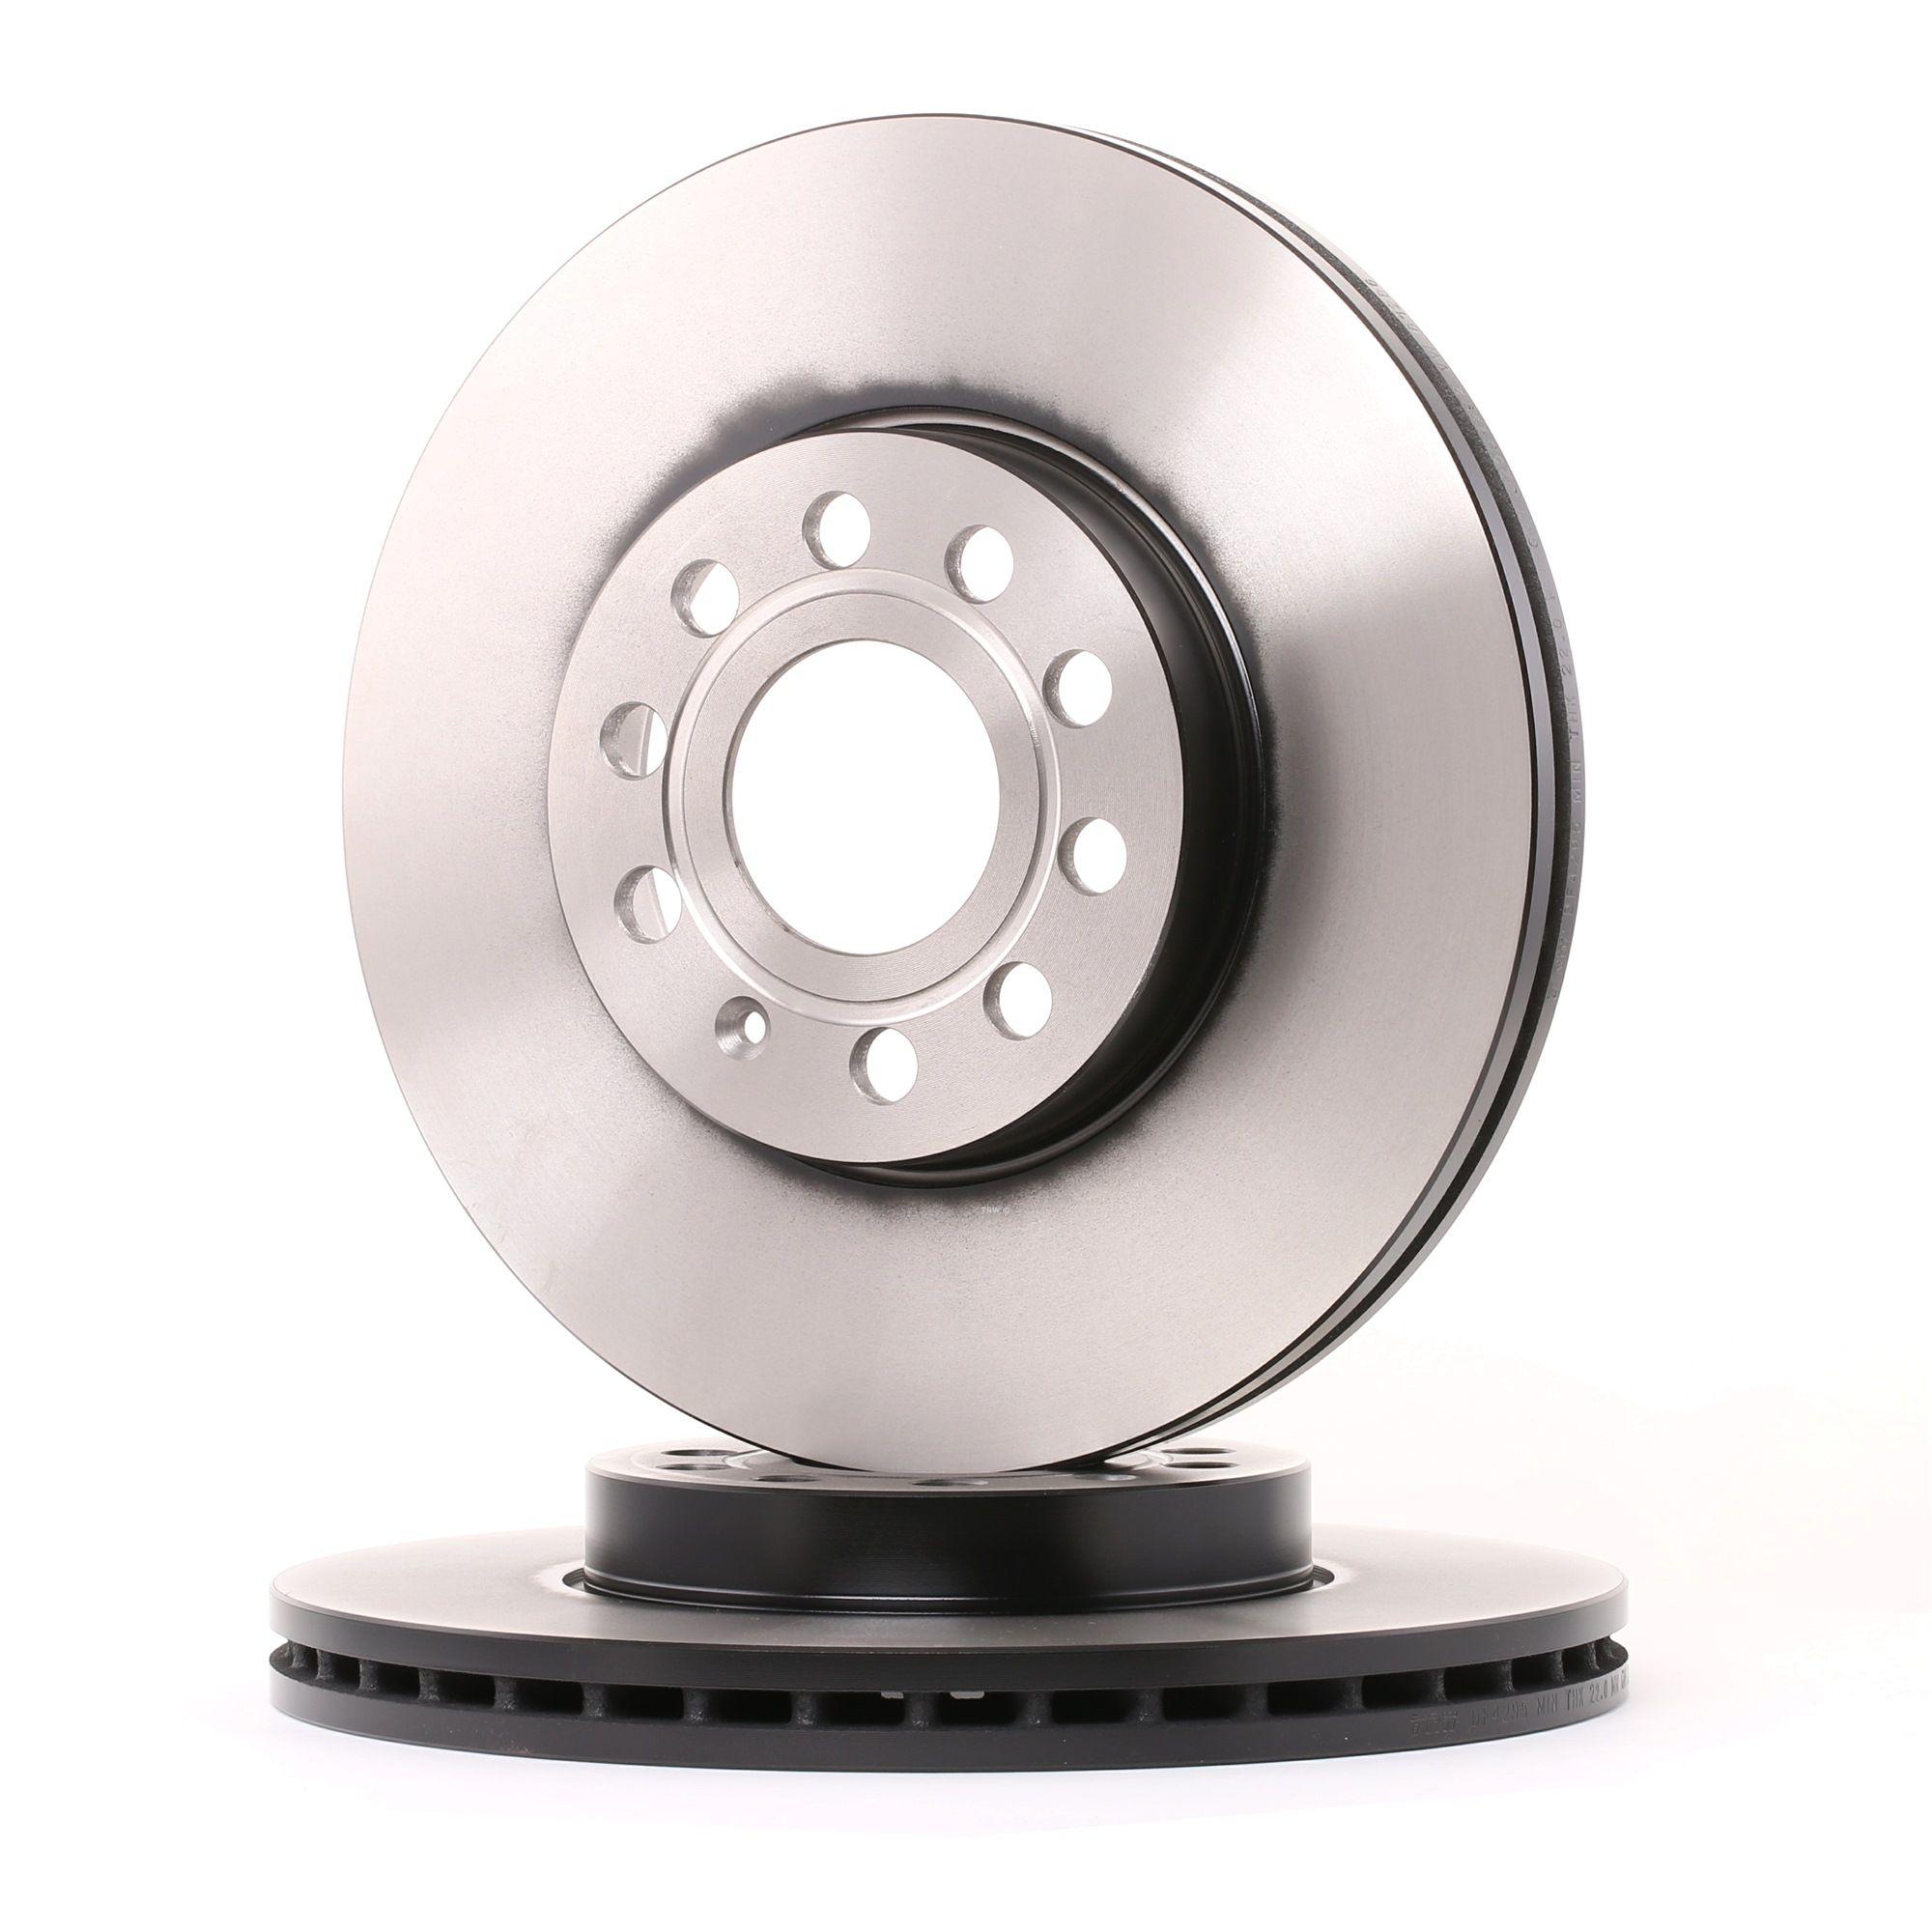 Achetez Disque de frein TRW DF4295 (Ø: 288mm, Nbre de trous: 9, Épaisseur du disque de frein: 25mm) à un rapport qualité-prix exceptionnel